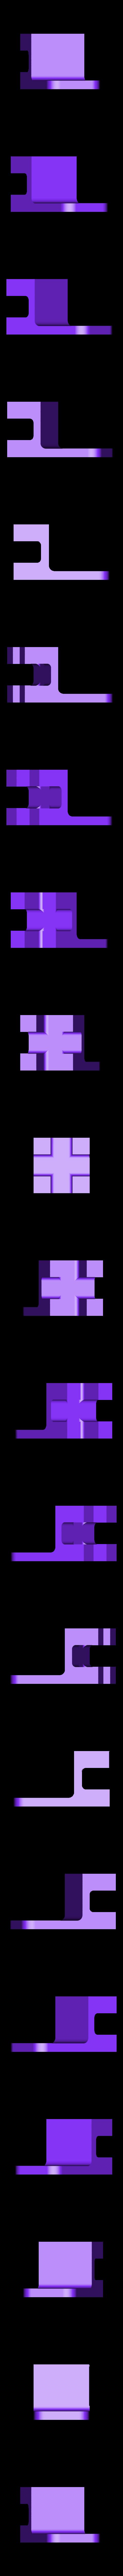 Assembly_House_2_-_Chair_4.stl Télécharger fichier STL gratuit Petit maison en jouet • Design à imprimer en 3D, crprinting